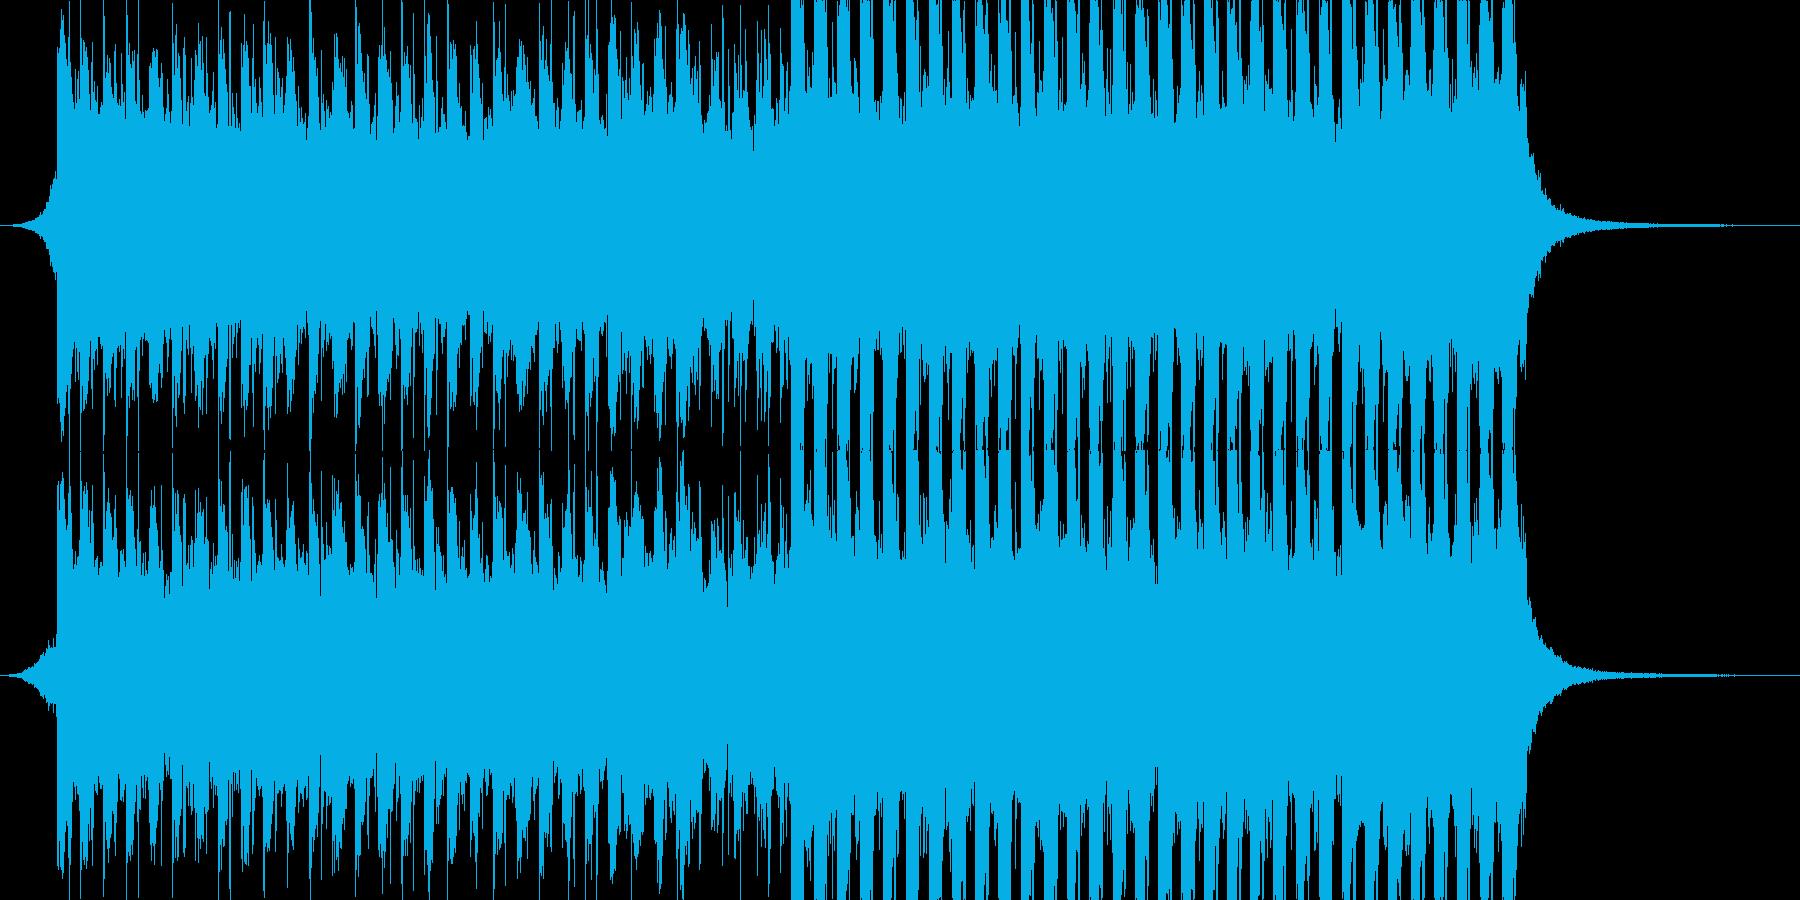 洋楽、夏らしいトロピカルハウス3、30秒の再生済みの波形